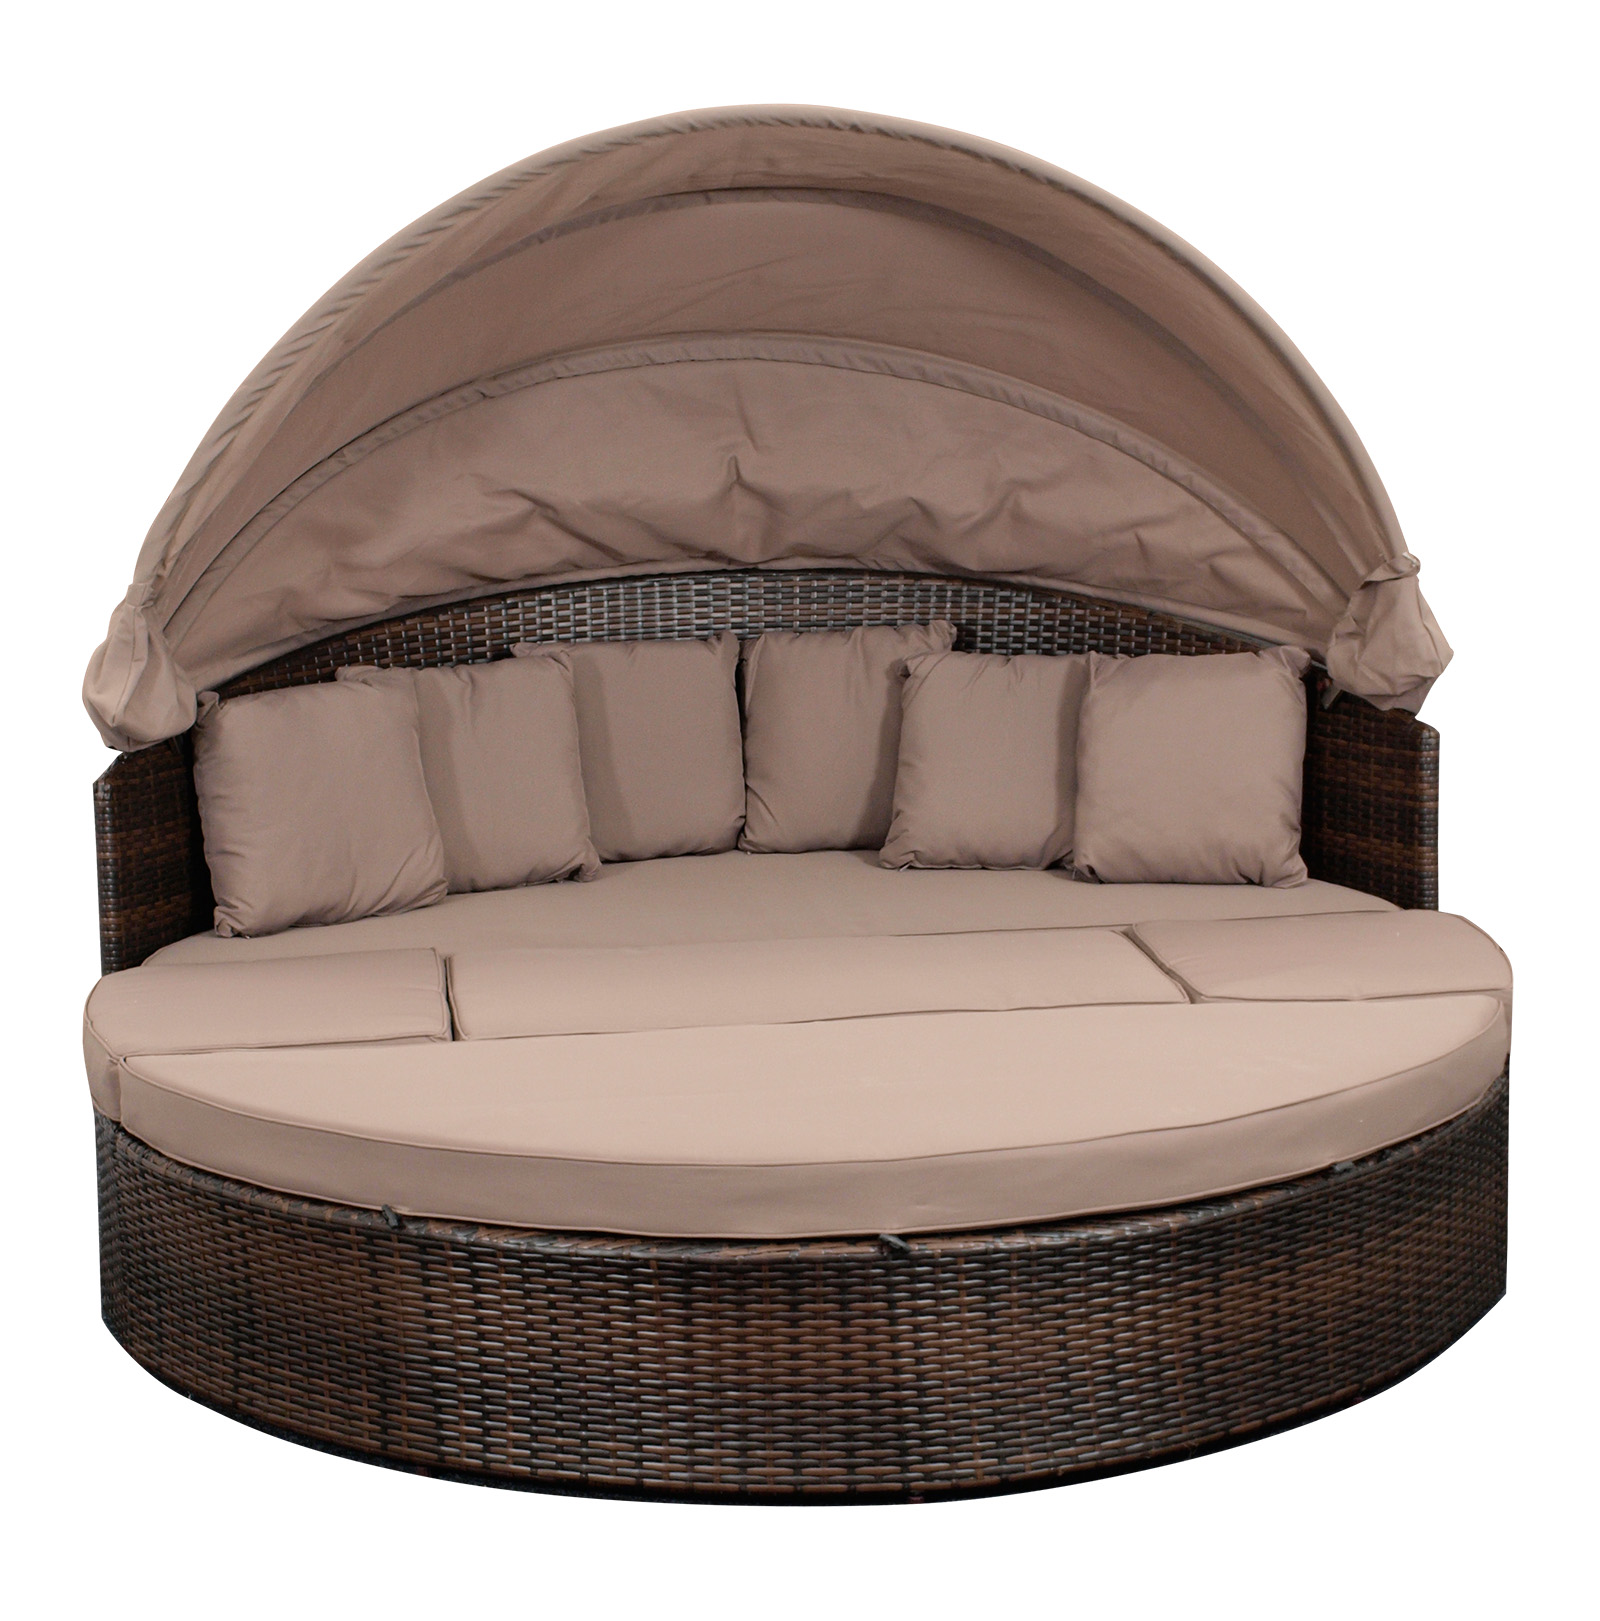 liegemuschel relaxinsel sonneninsel liegeinsel alu. Black Bedroom Furniture Sets. Home Design Ideas